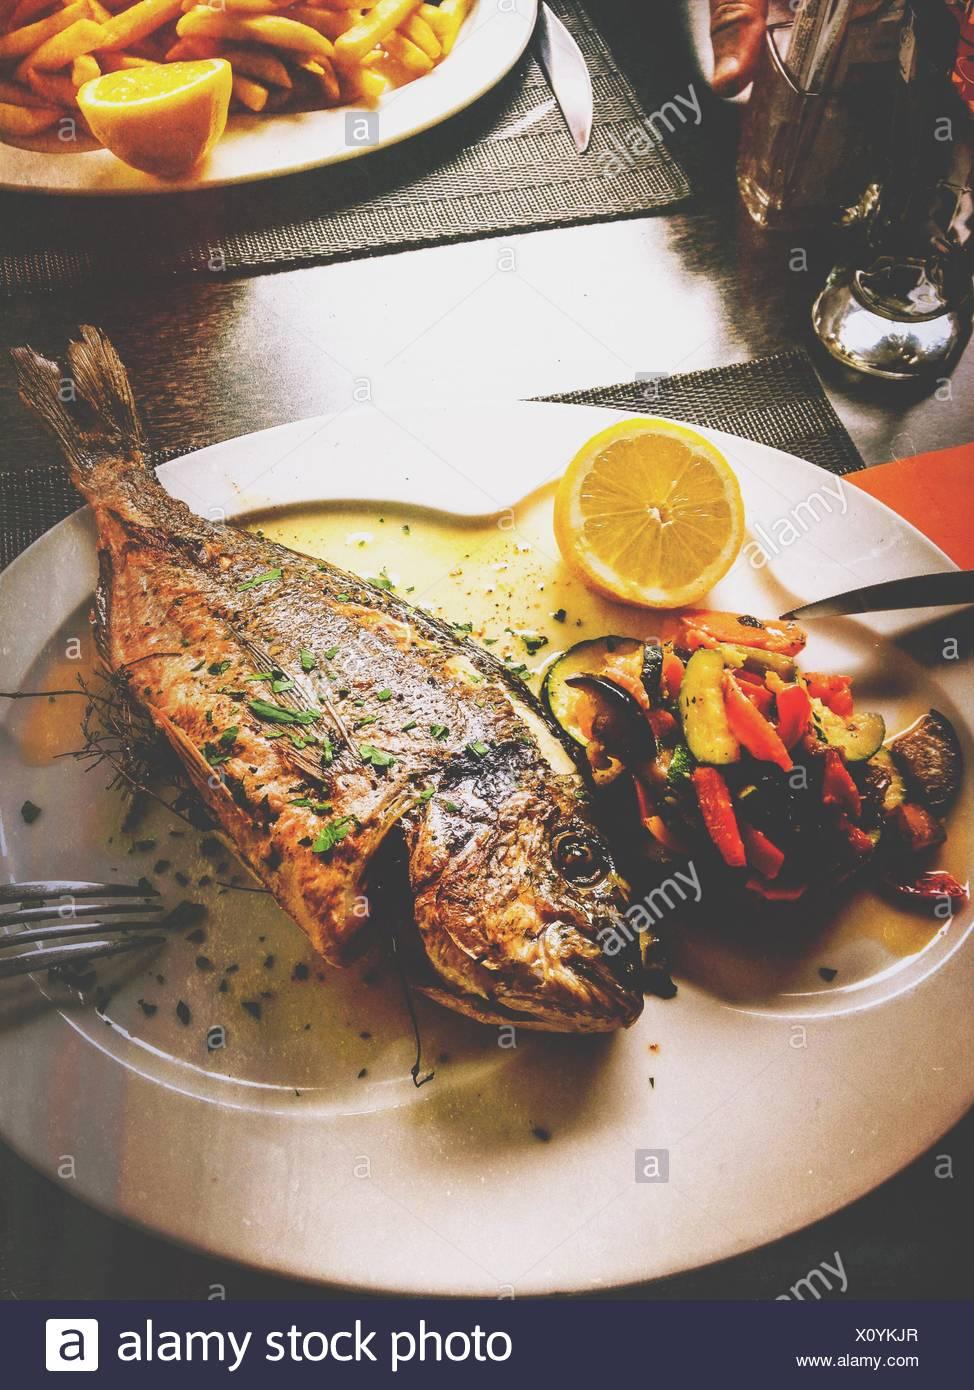 Les poissons grillés avec des légumes grillés Photo Stock